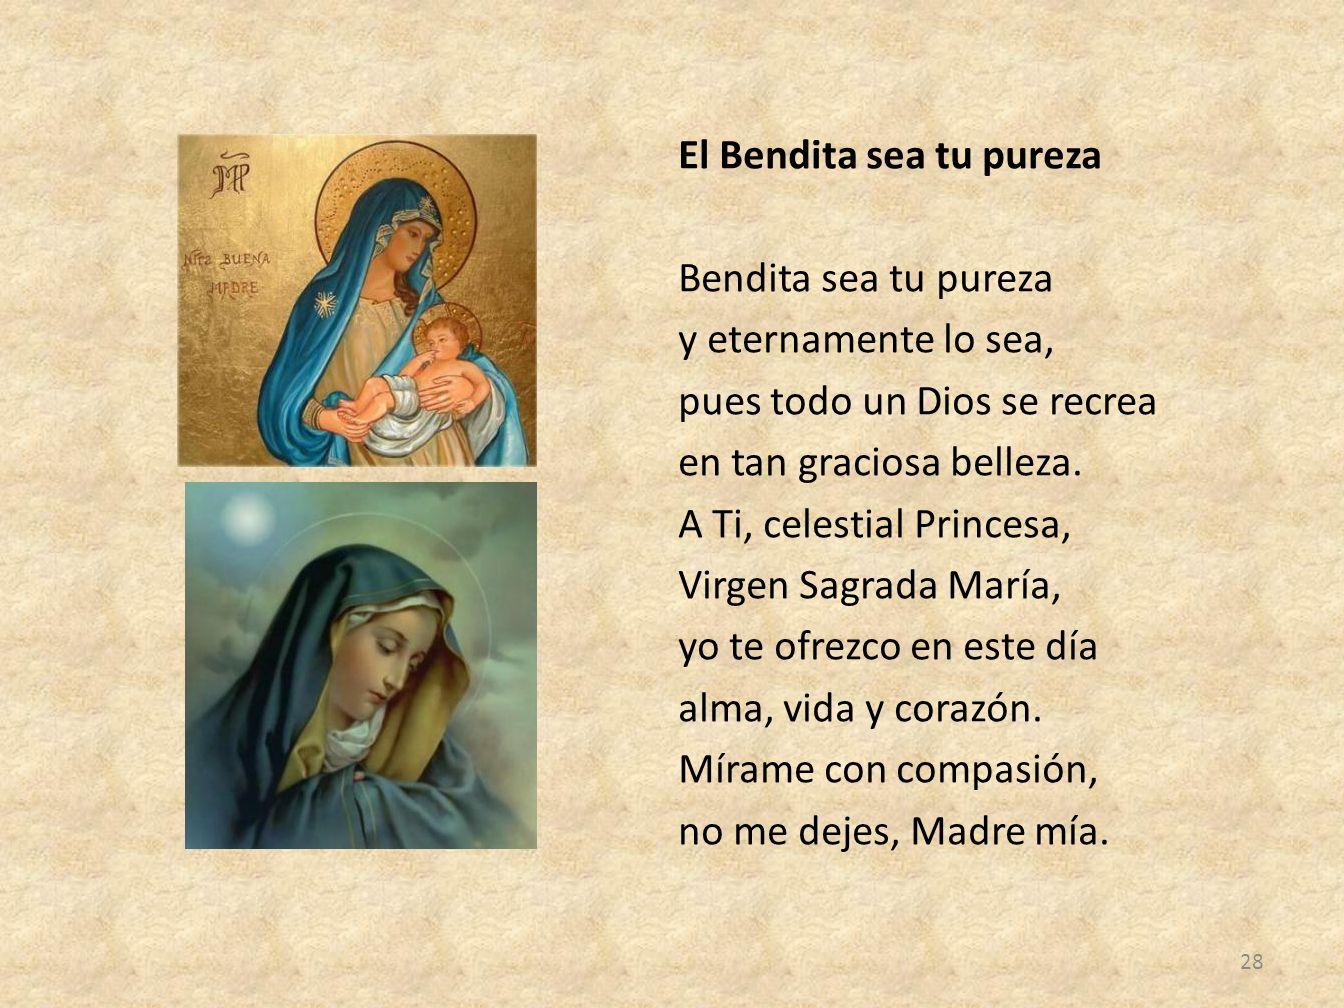 El Bendita sea tu pureza Bendita sea tu pureza y eternamente lo sea, pues todo un Dios se recrea en tan graciosa belleza.